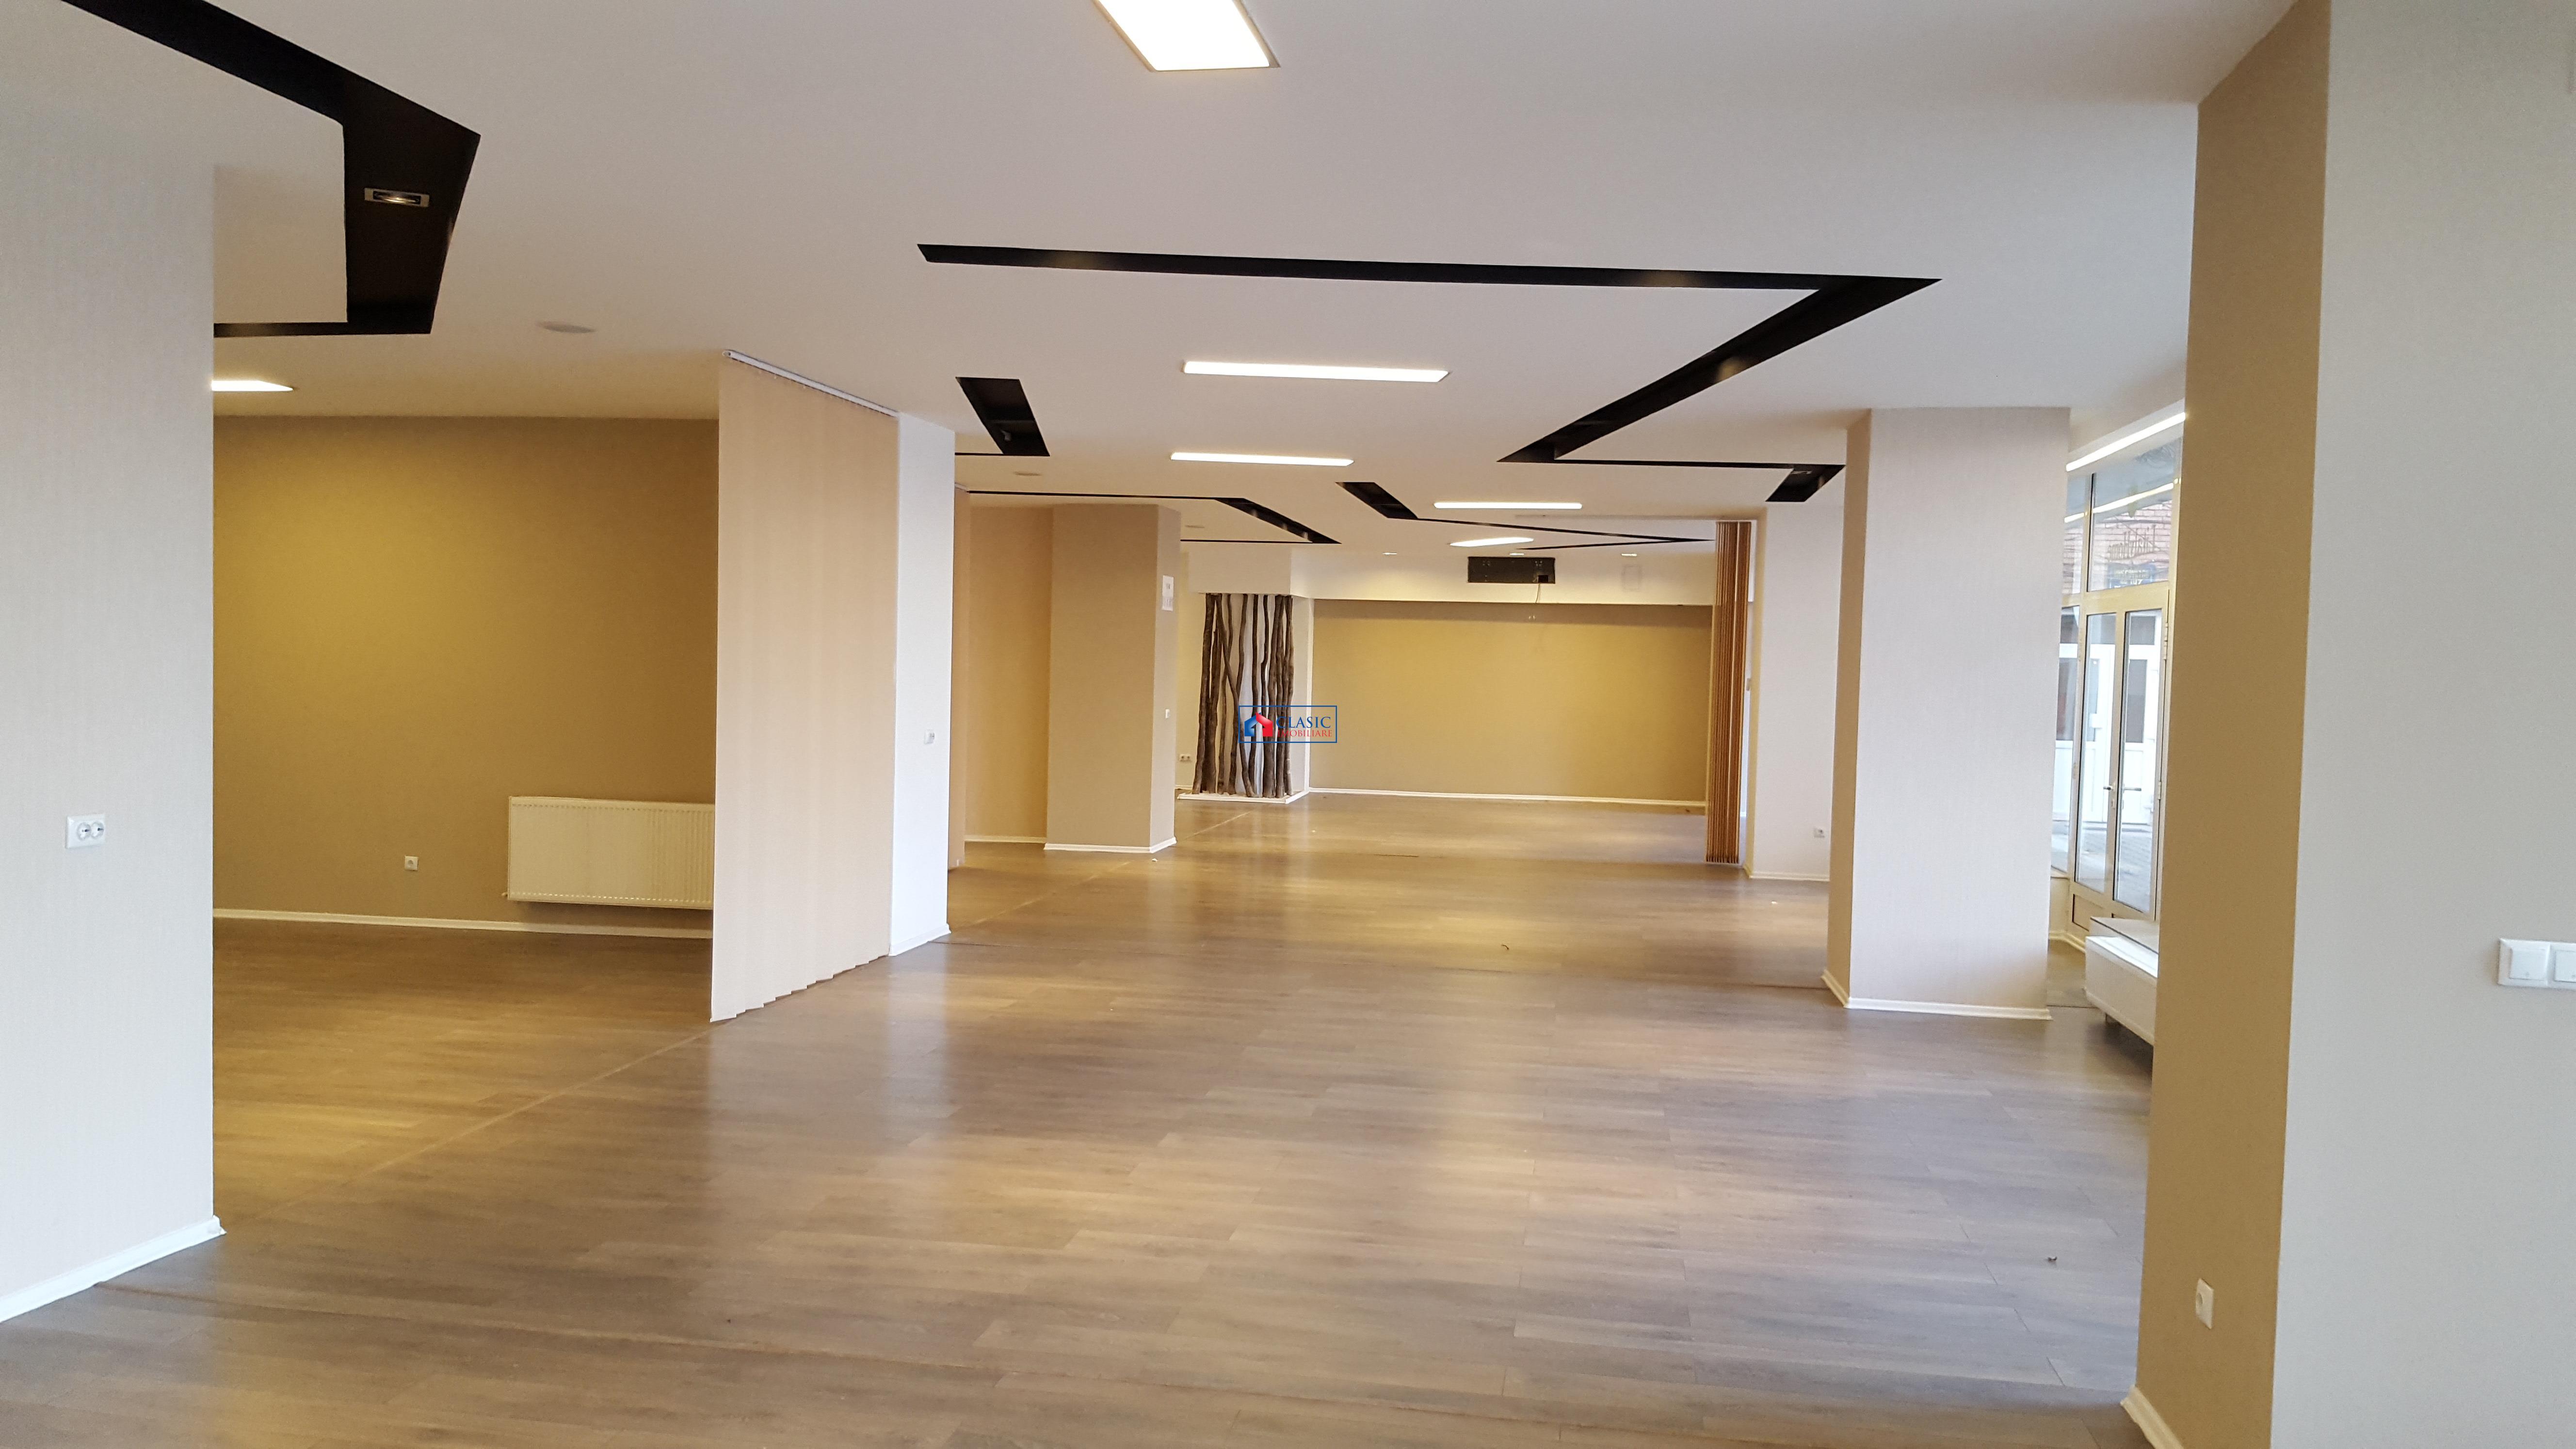 Inchiriere spatiu comercial-birou 900 mp in Zorilor, Cluj-Napoca